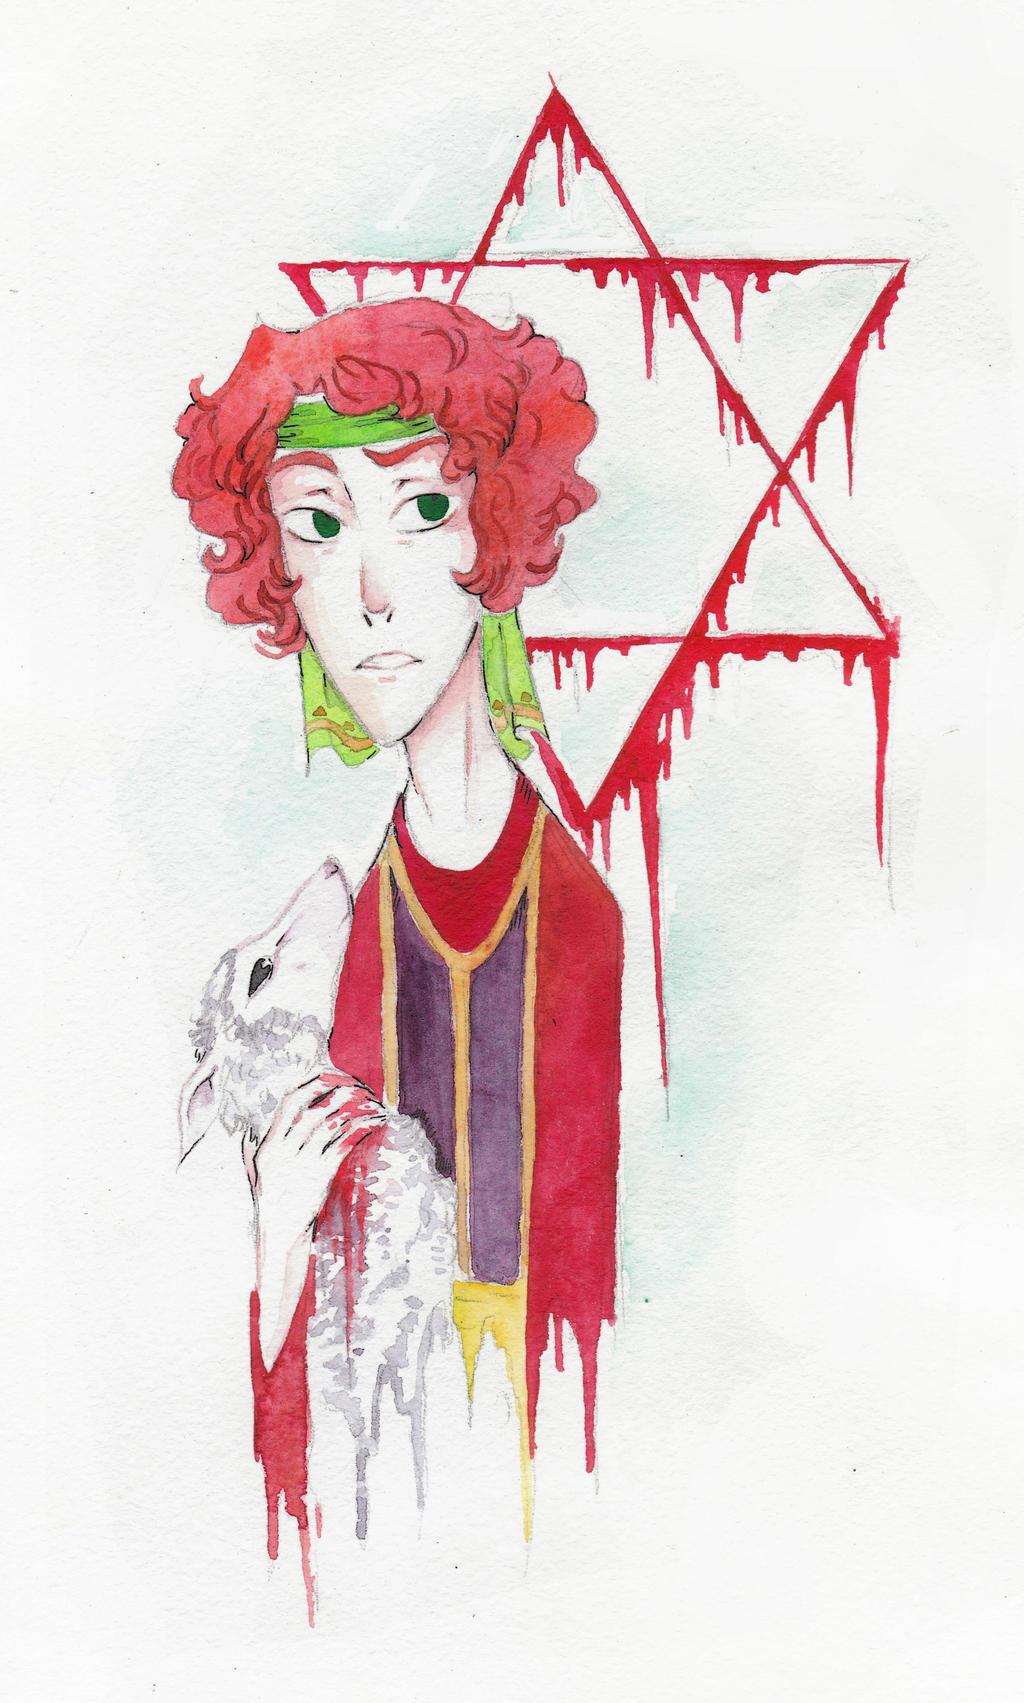 Jewpacabra Kyle by LadySiryna